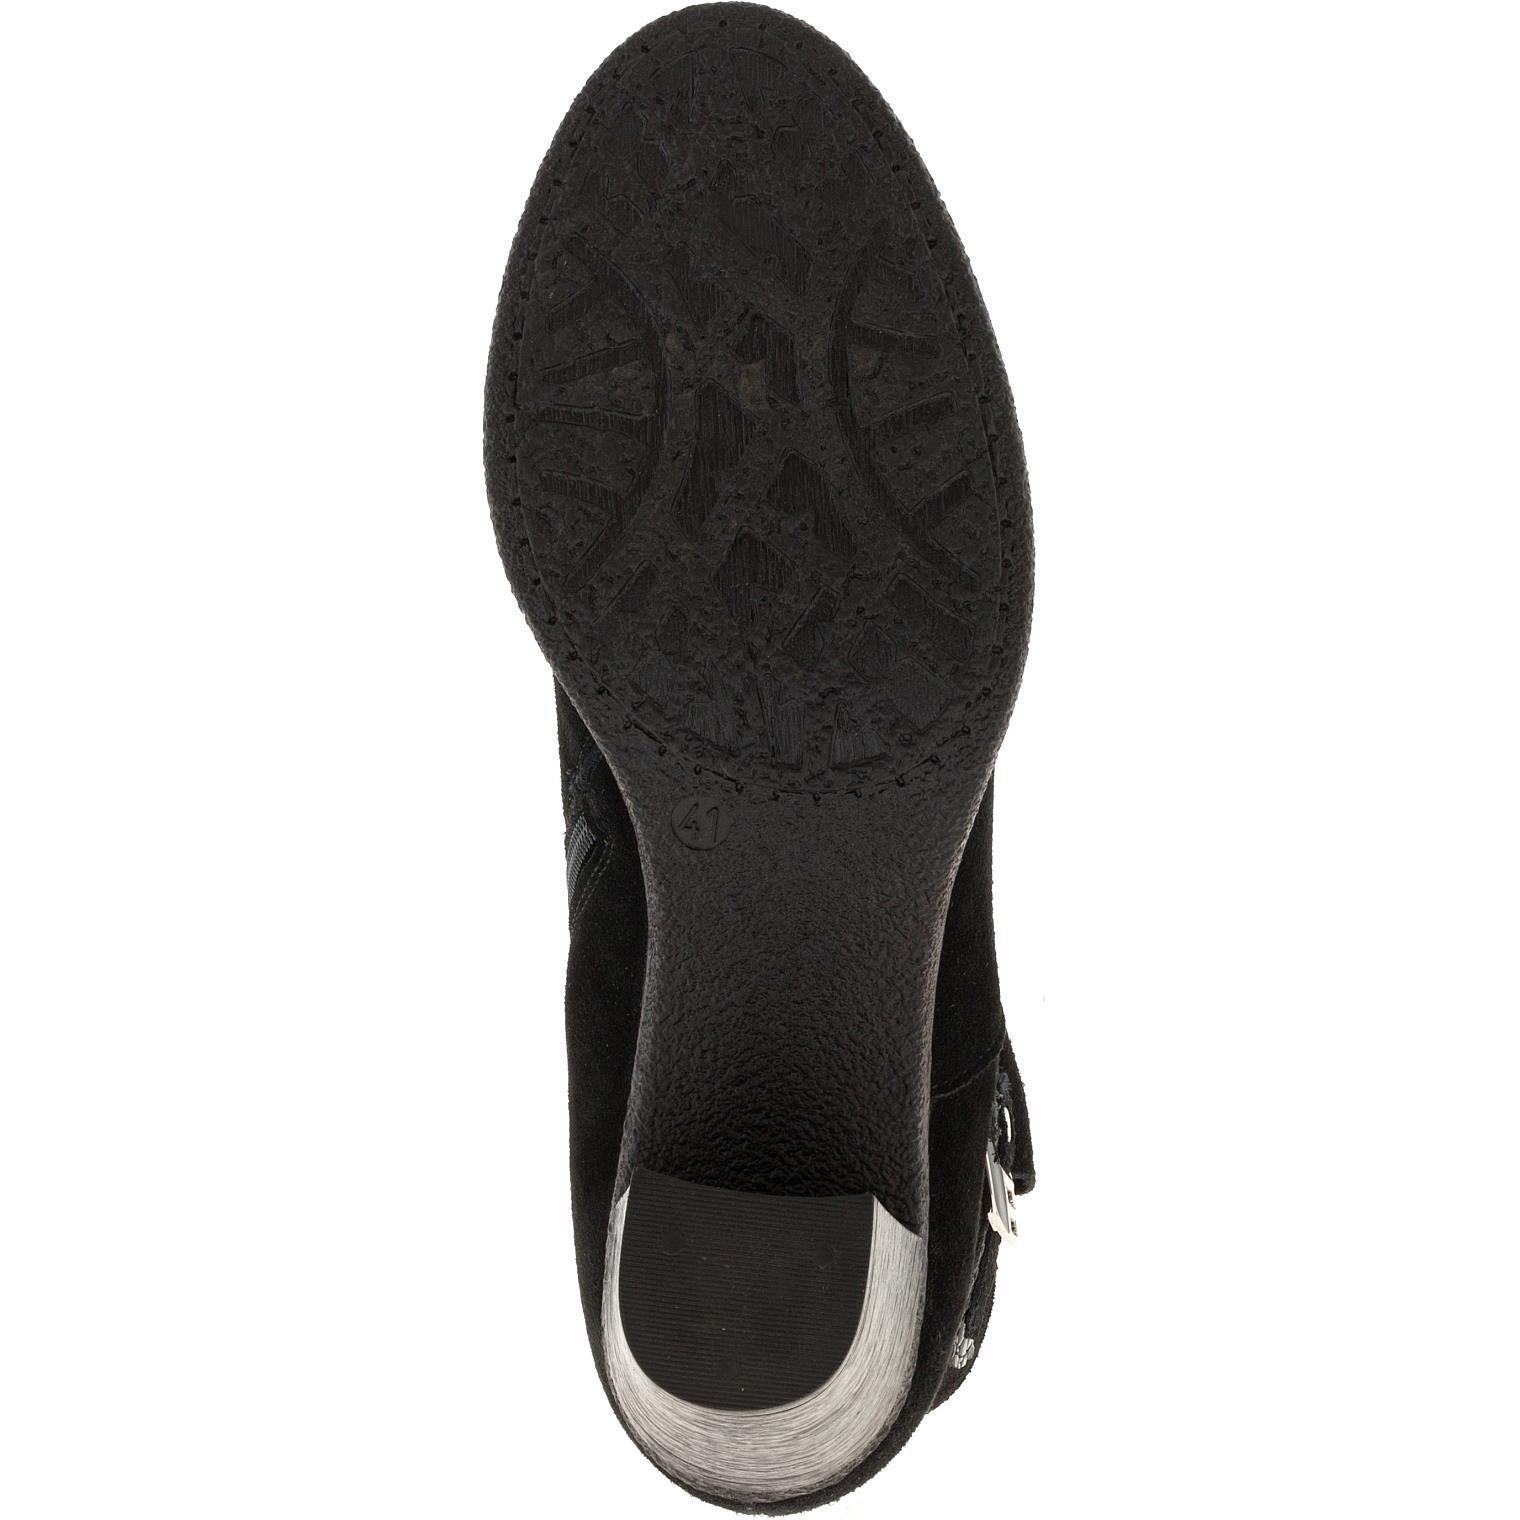 638409 Полусапожки женские замша черные больших размеров марки Делфино